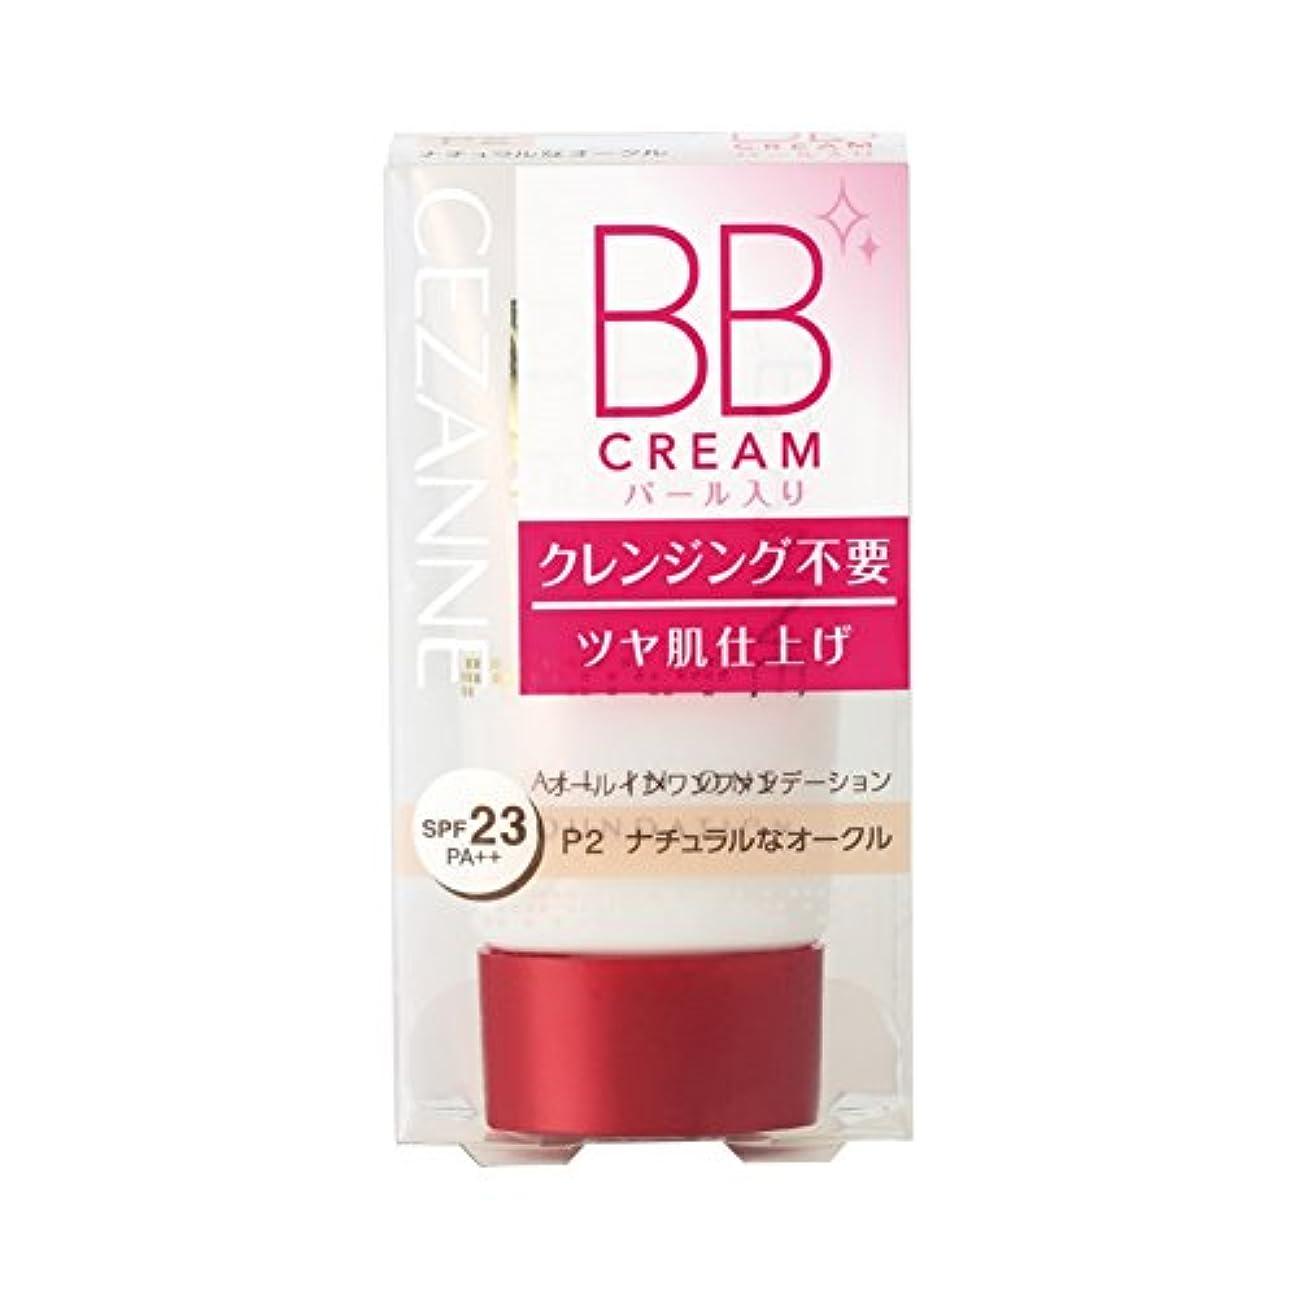 広々胃かわすセザンヌ BBクリーム P2